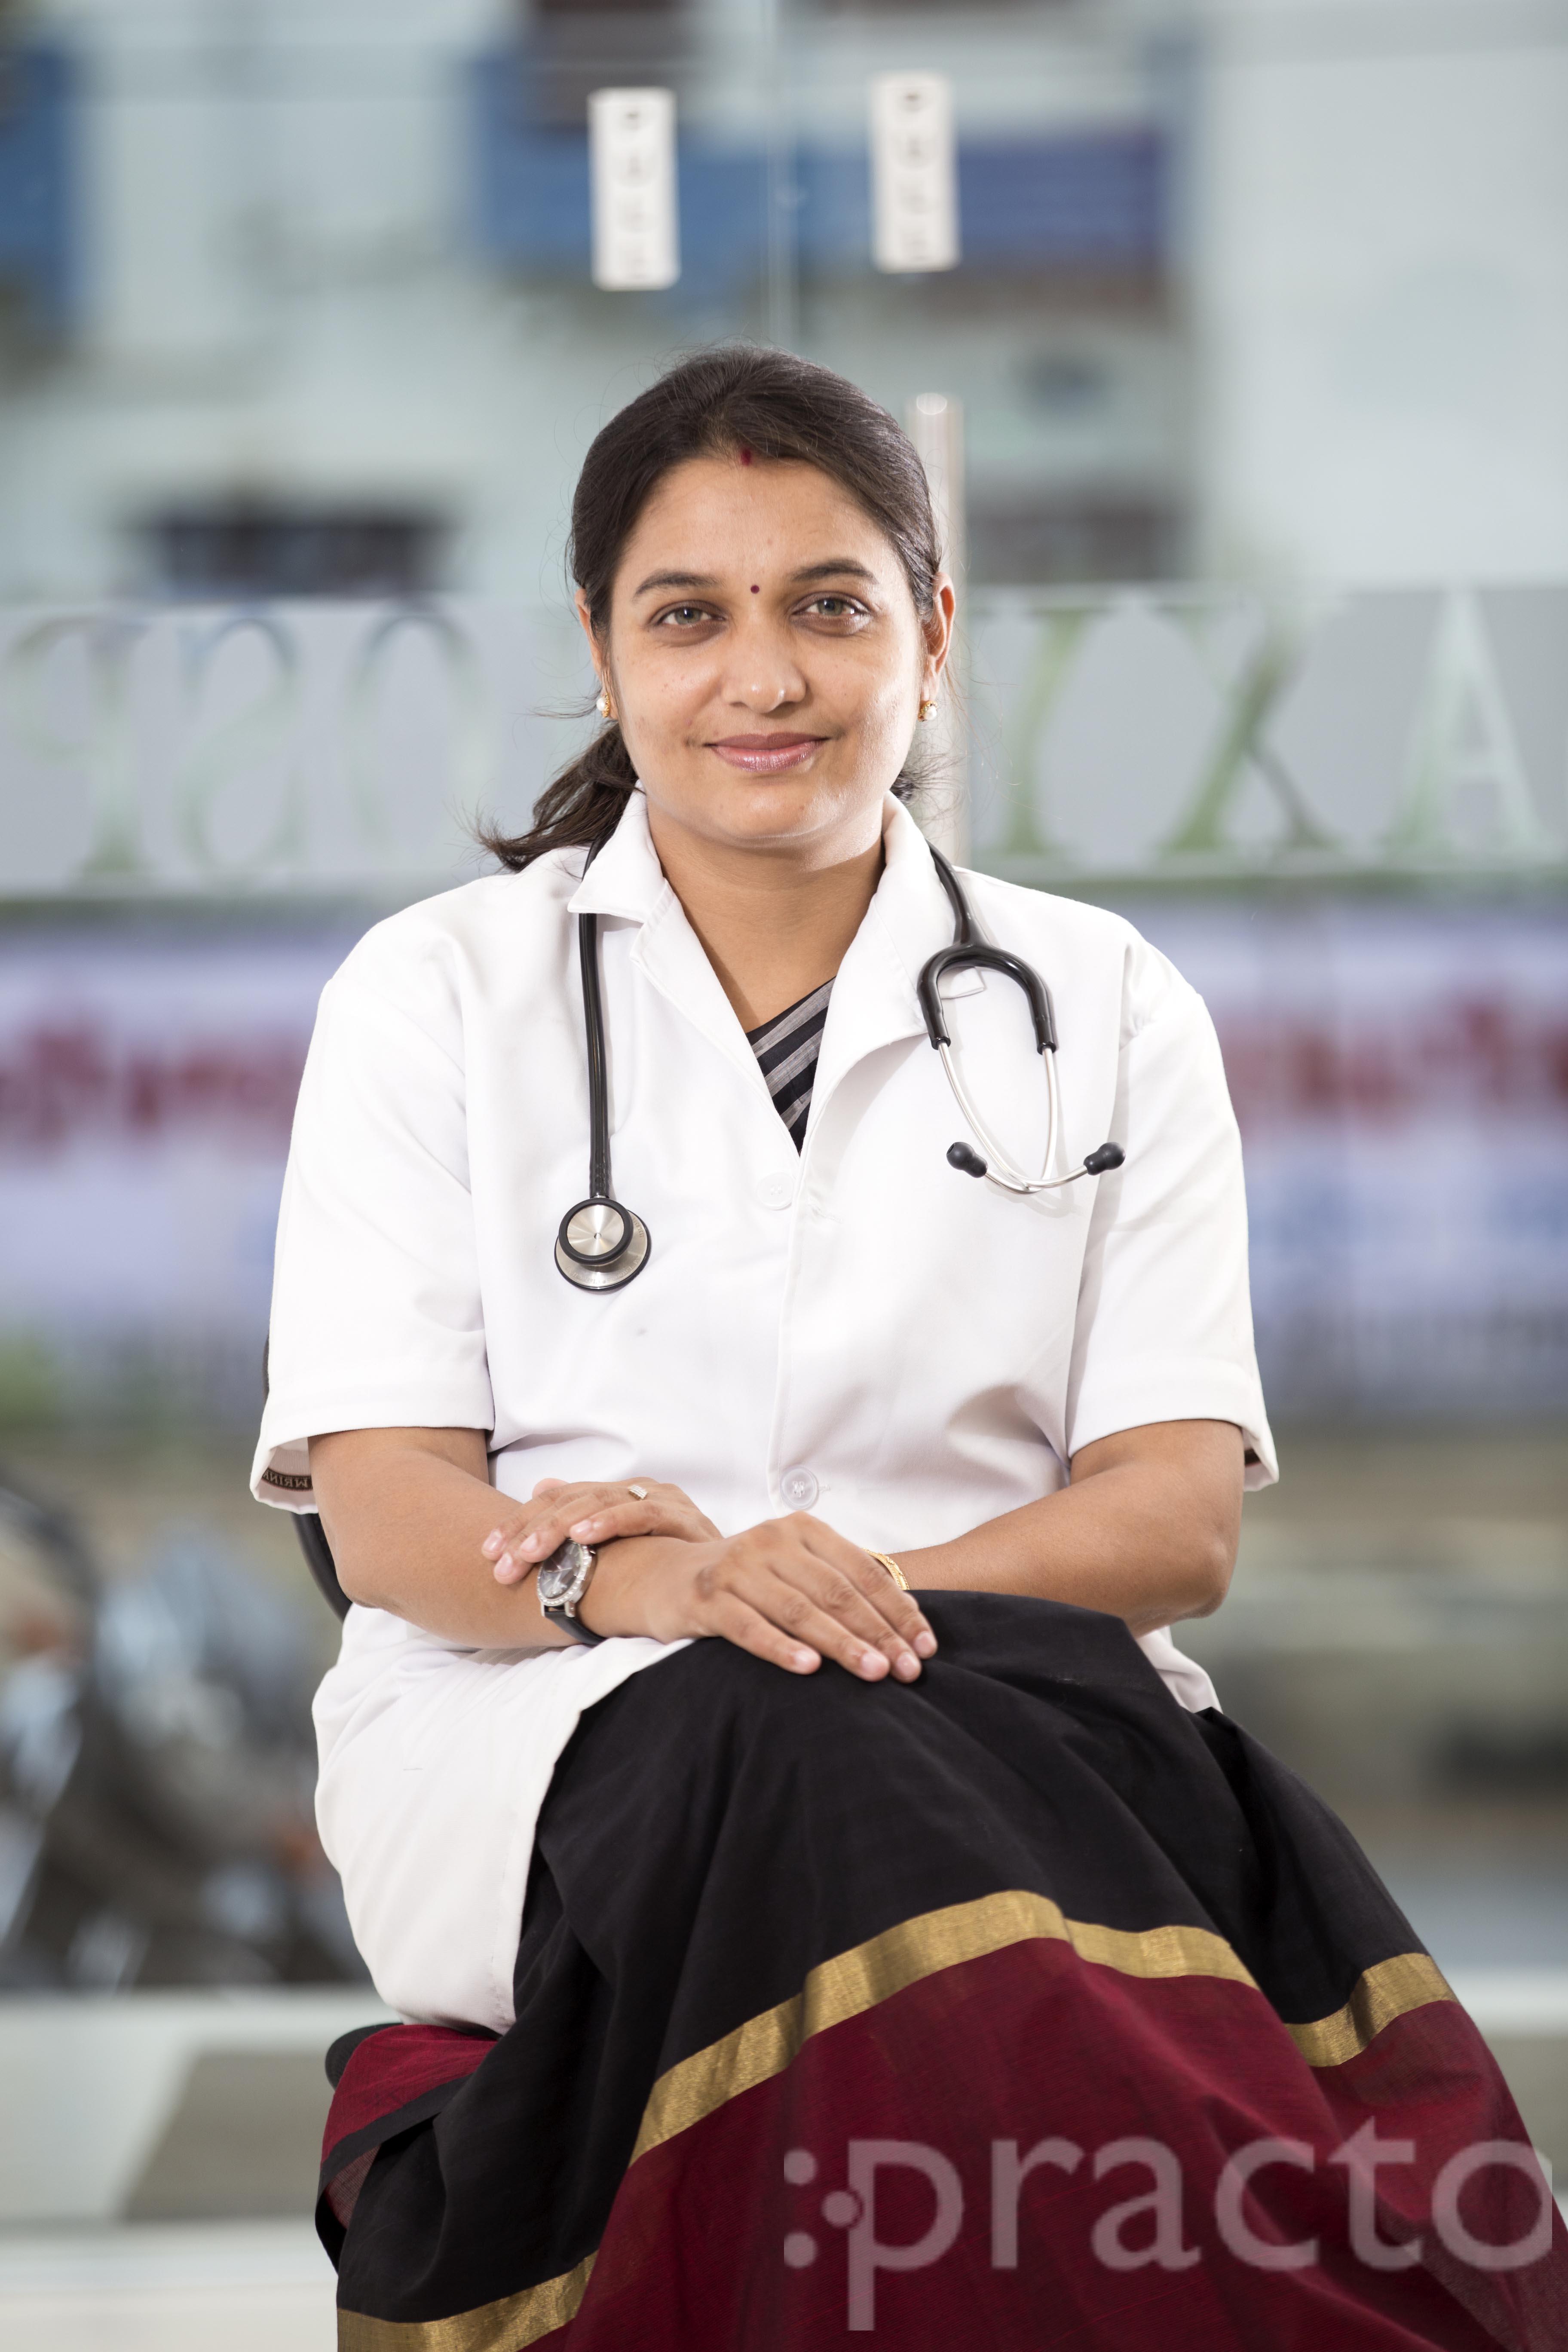 Dr. Nidhi Gupta - Gynecologist/Obstetrician